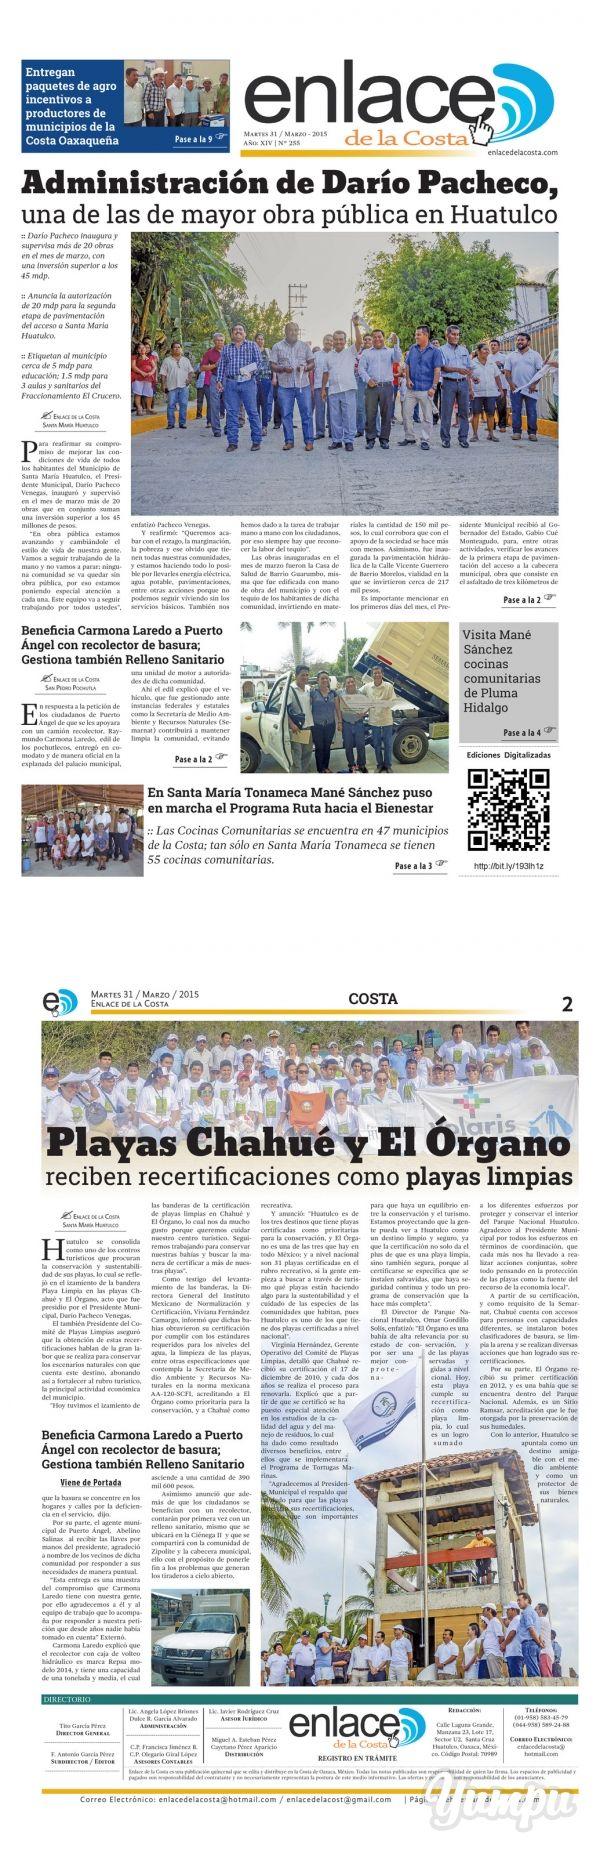 Edición 255; Enlace de la Costa - Magazine with 12 pages: Edición número 255 del periódico Enlace de la Costa, editado y distribuido en la Costa de Oaxaca, con información de la región y sus municipios